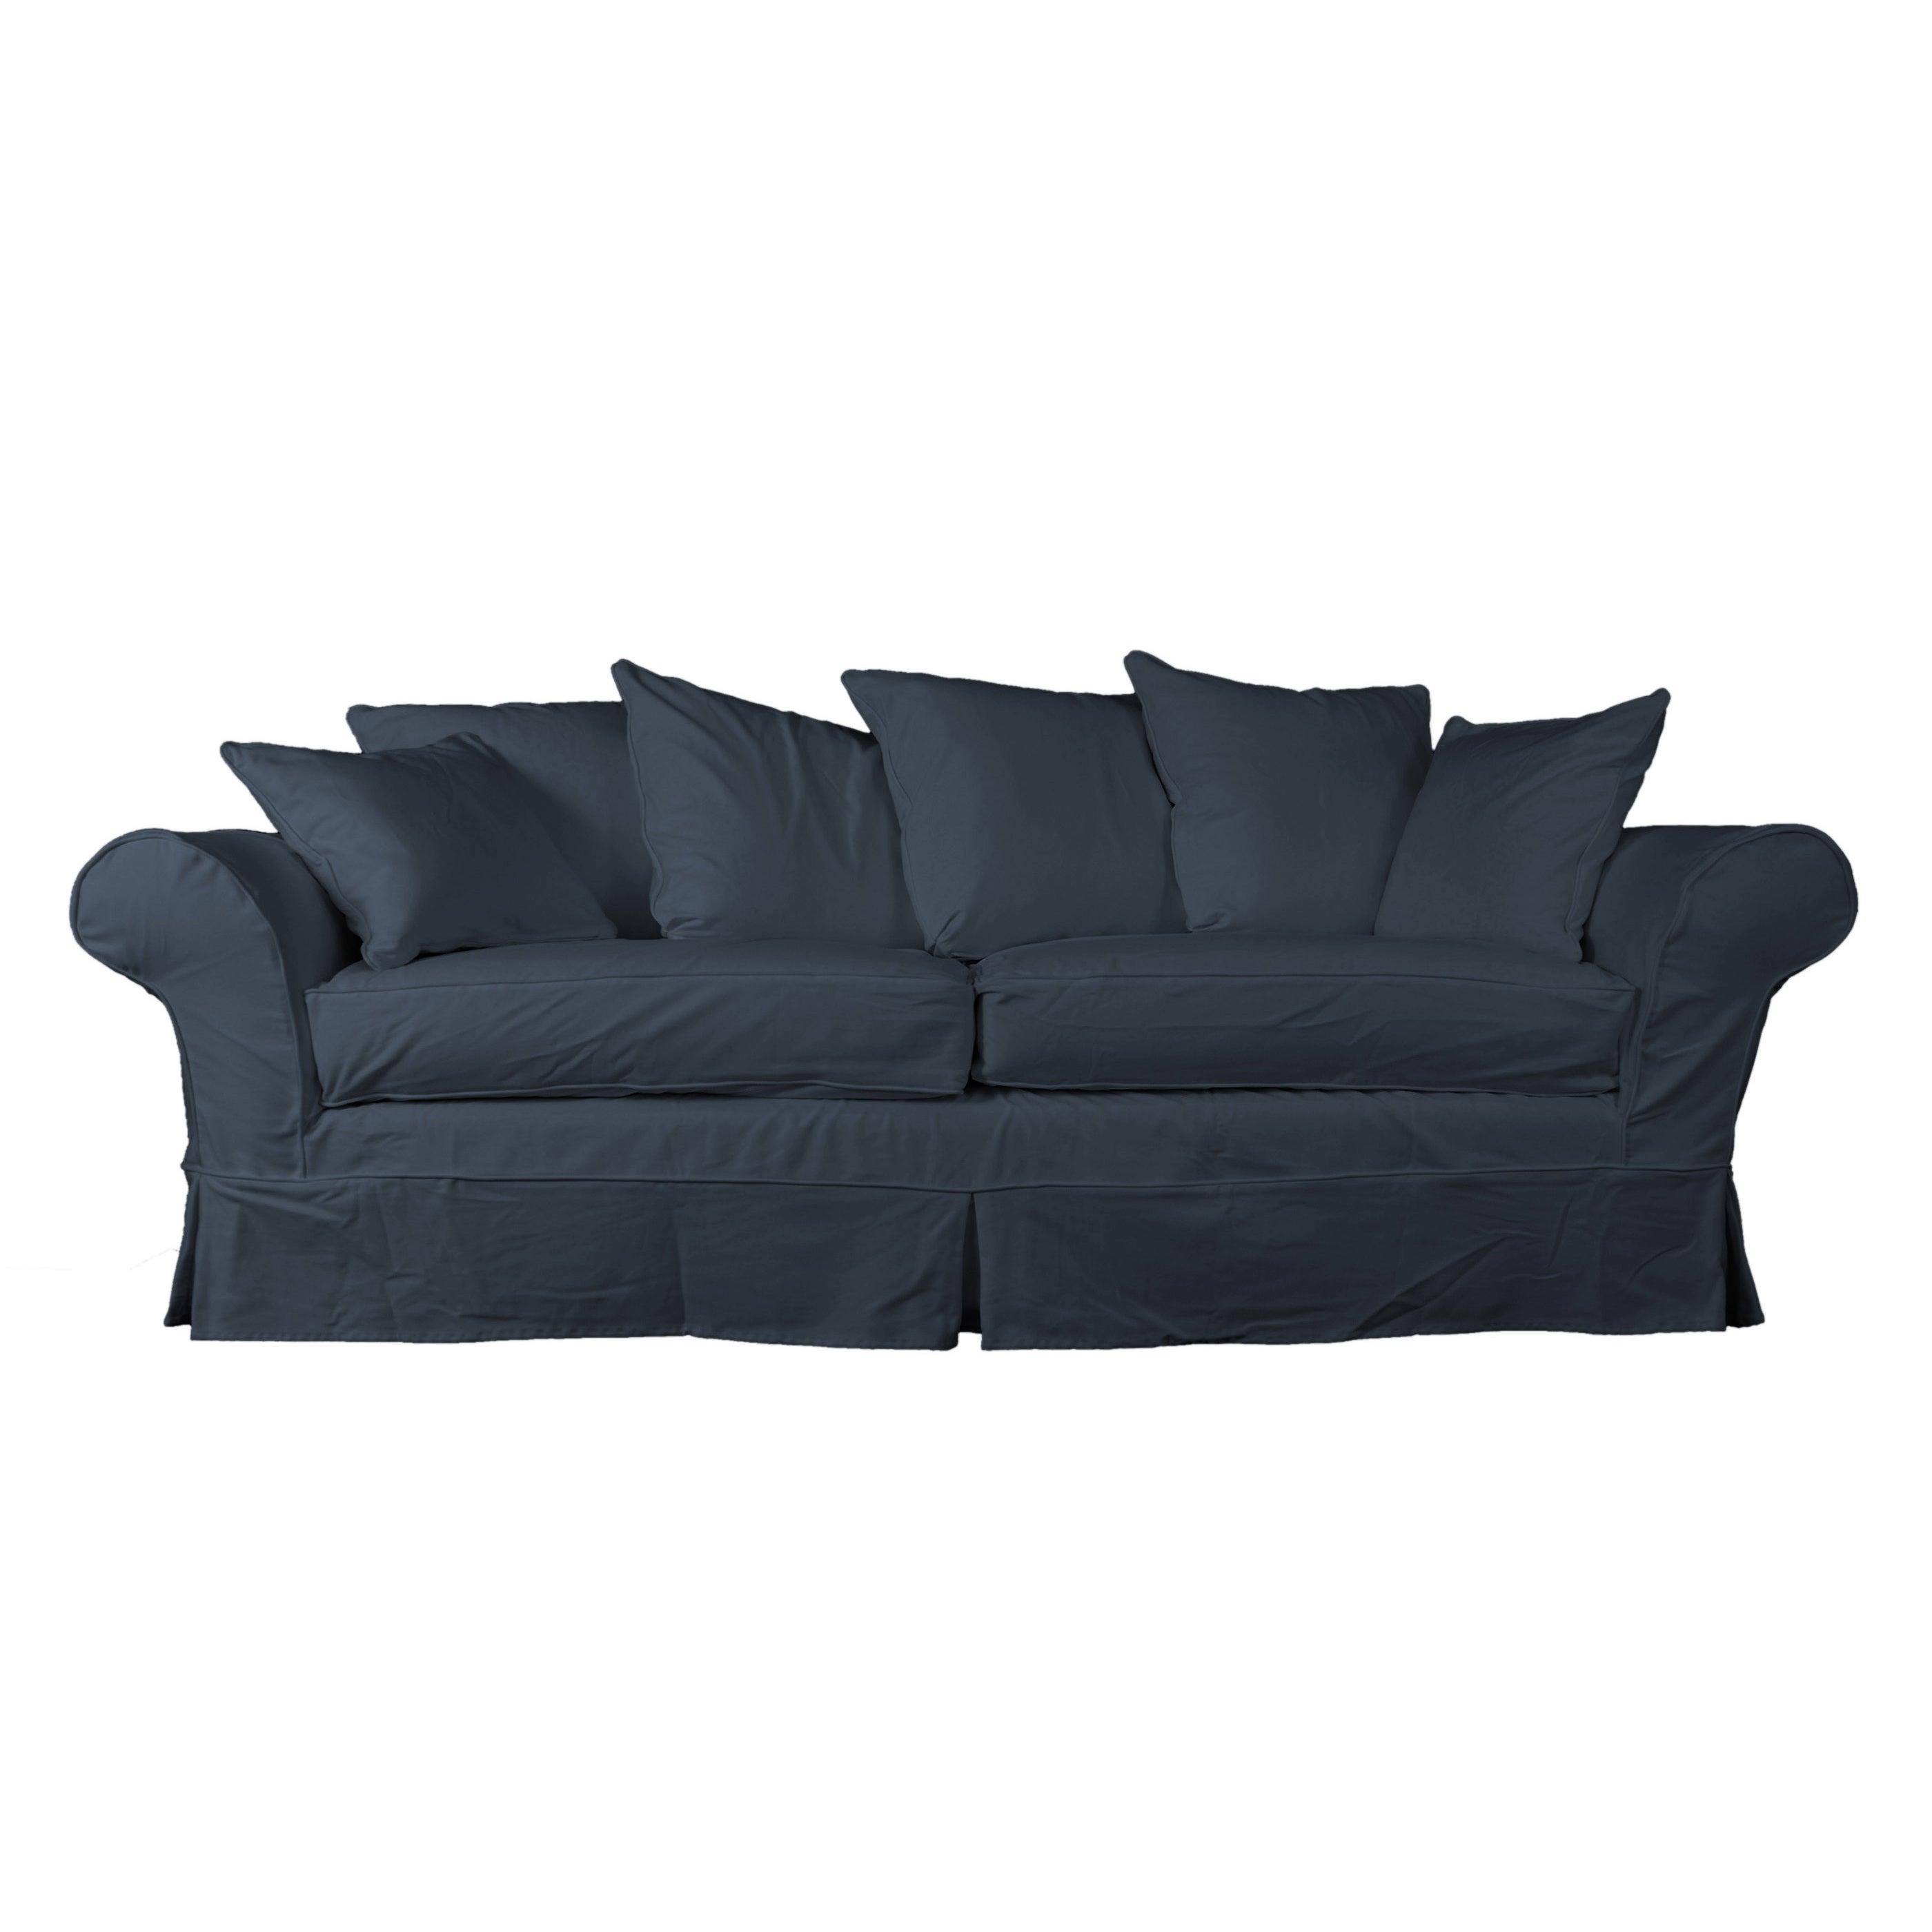 Stain Resistant Sofa Slipcover Www Energywarden Net